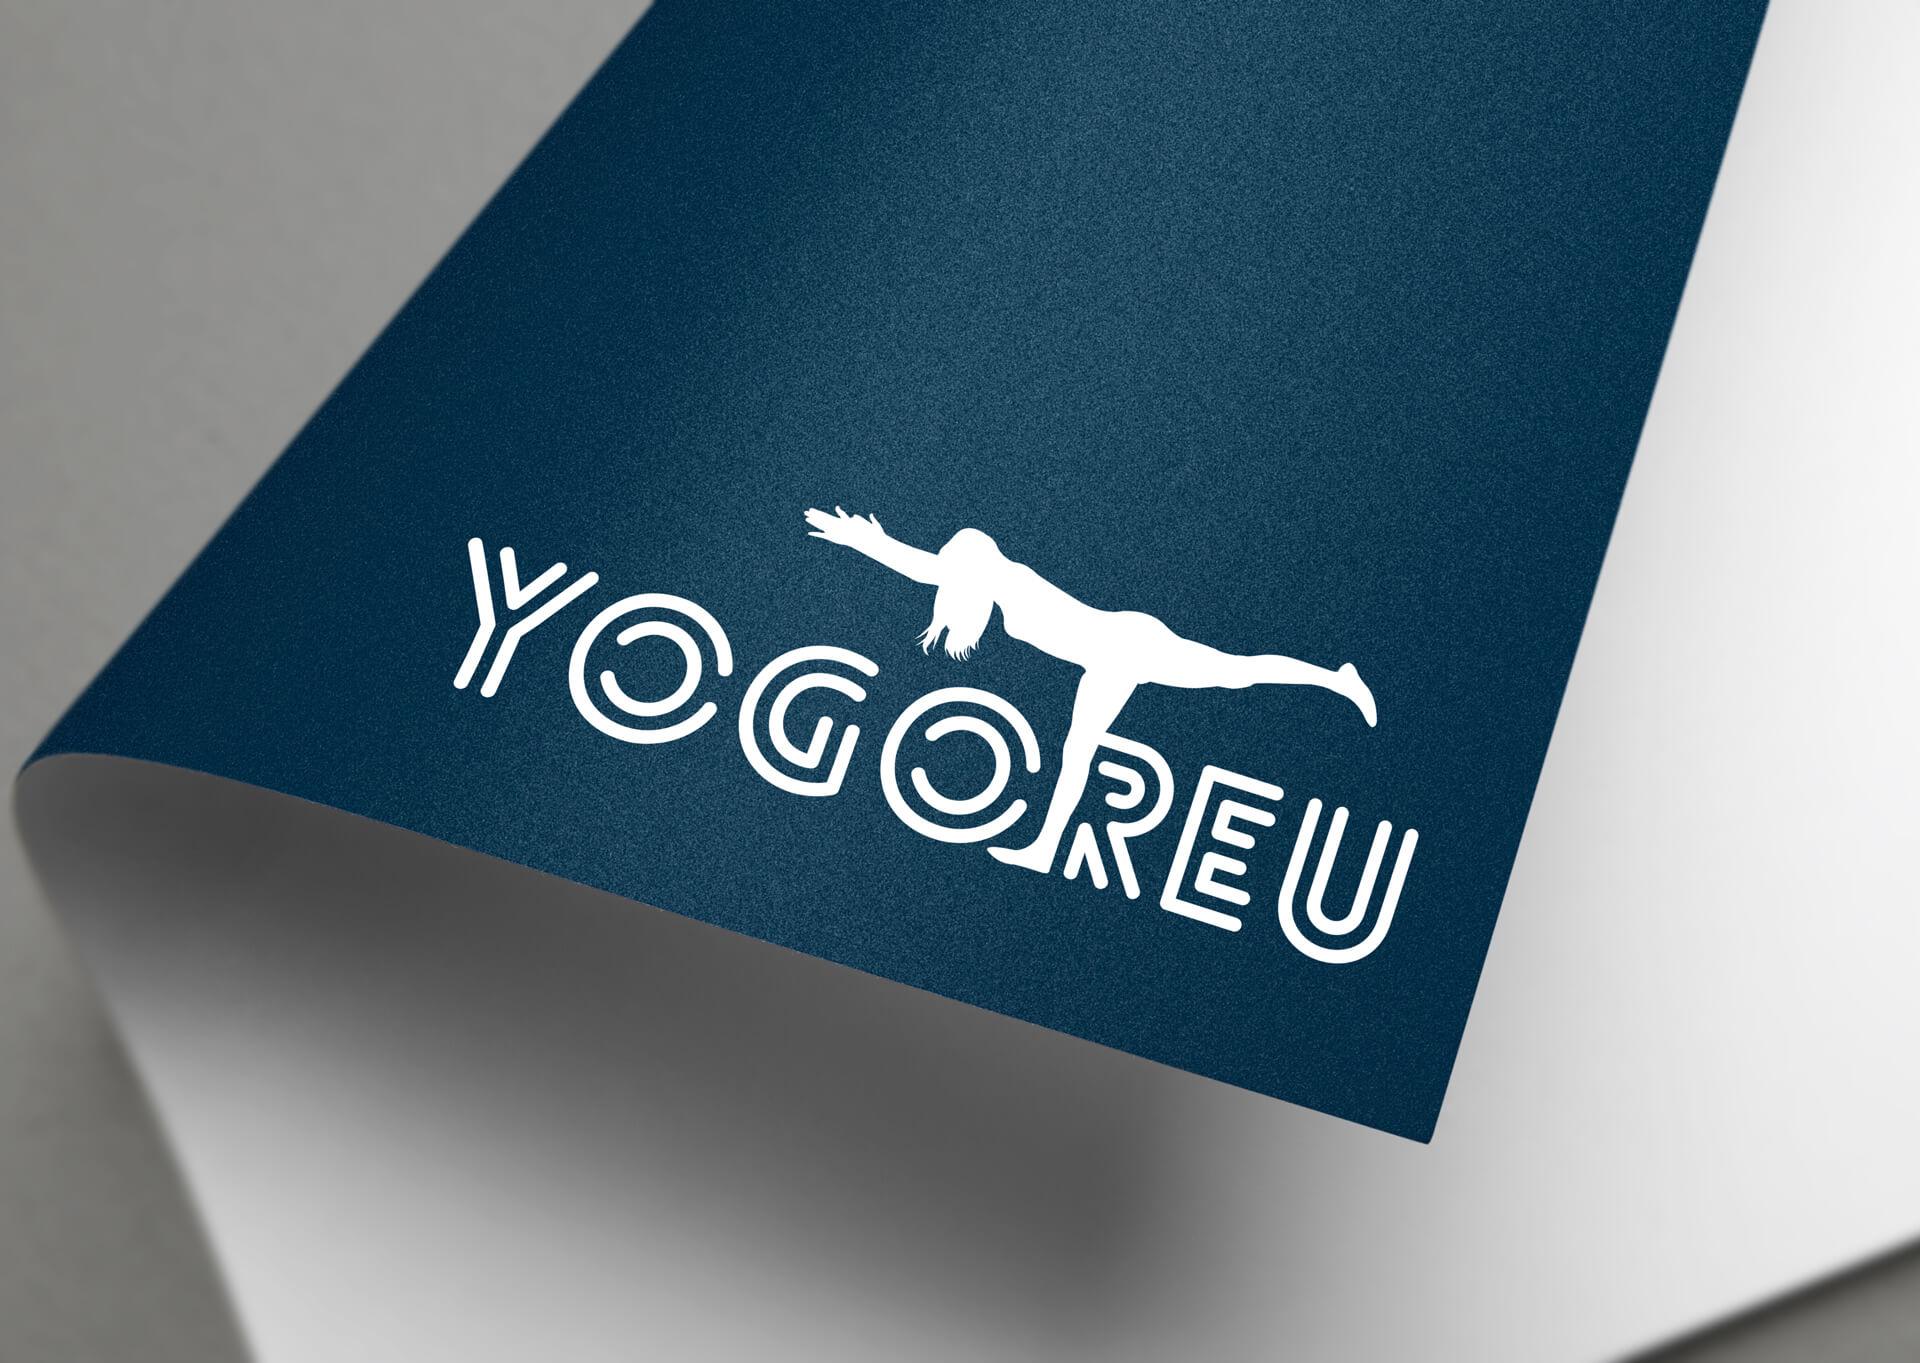 Yogoreu Logo Design